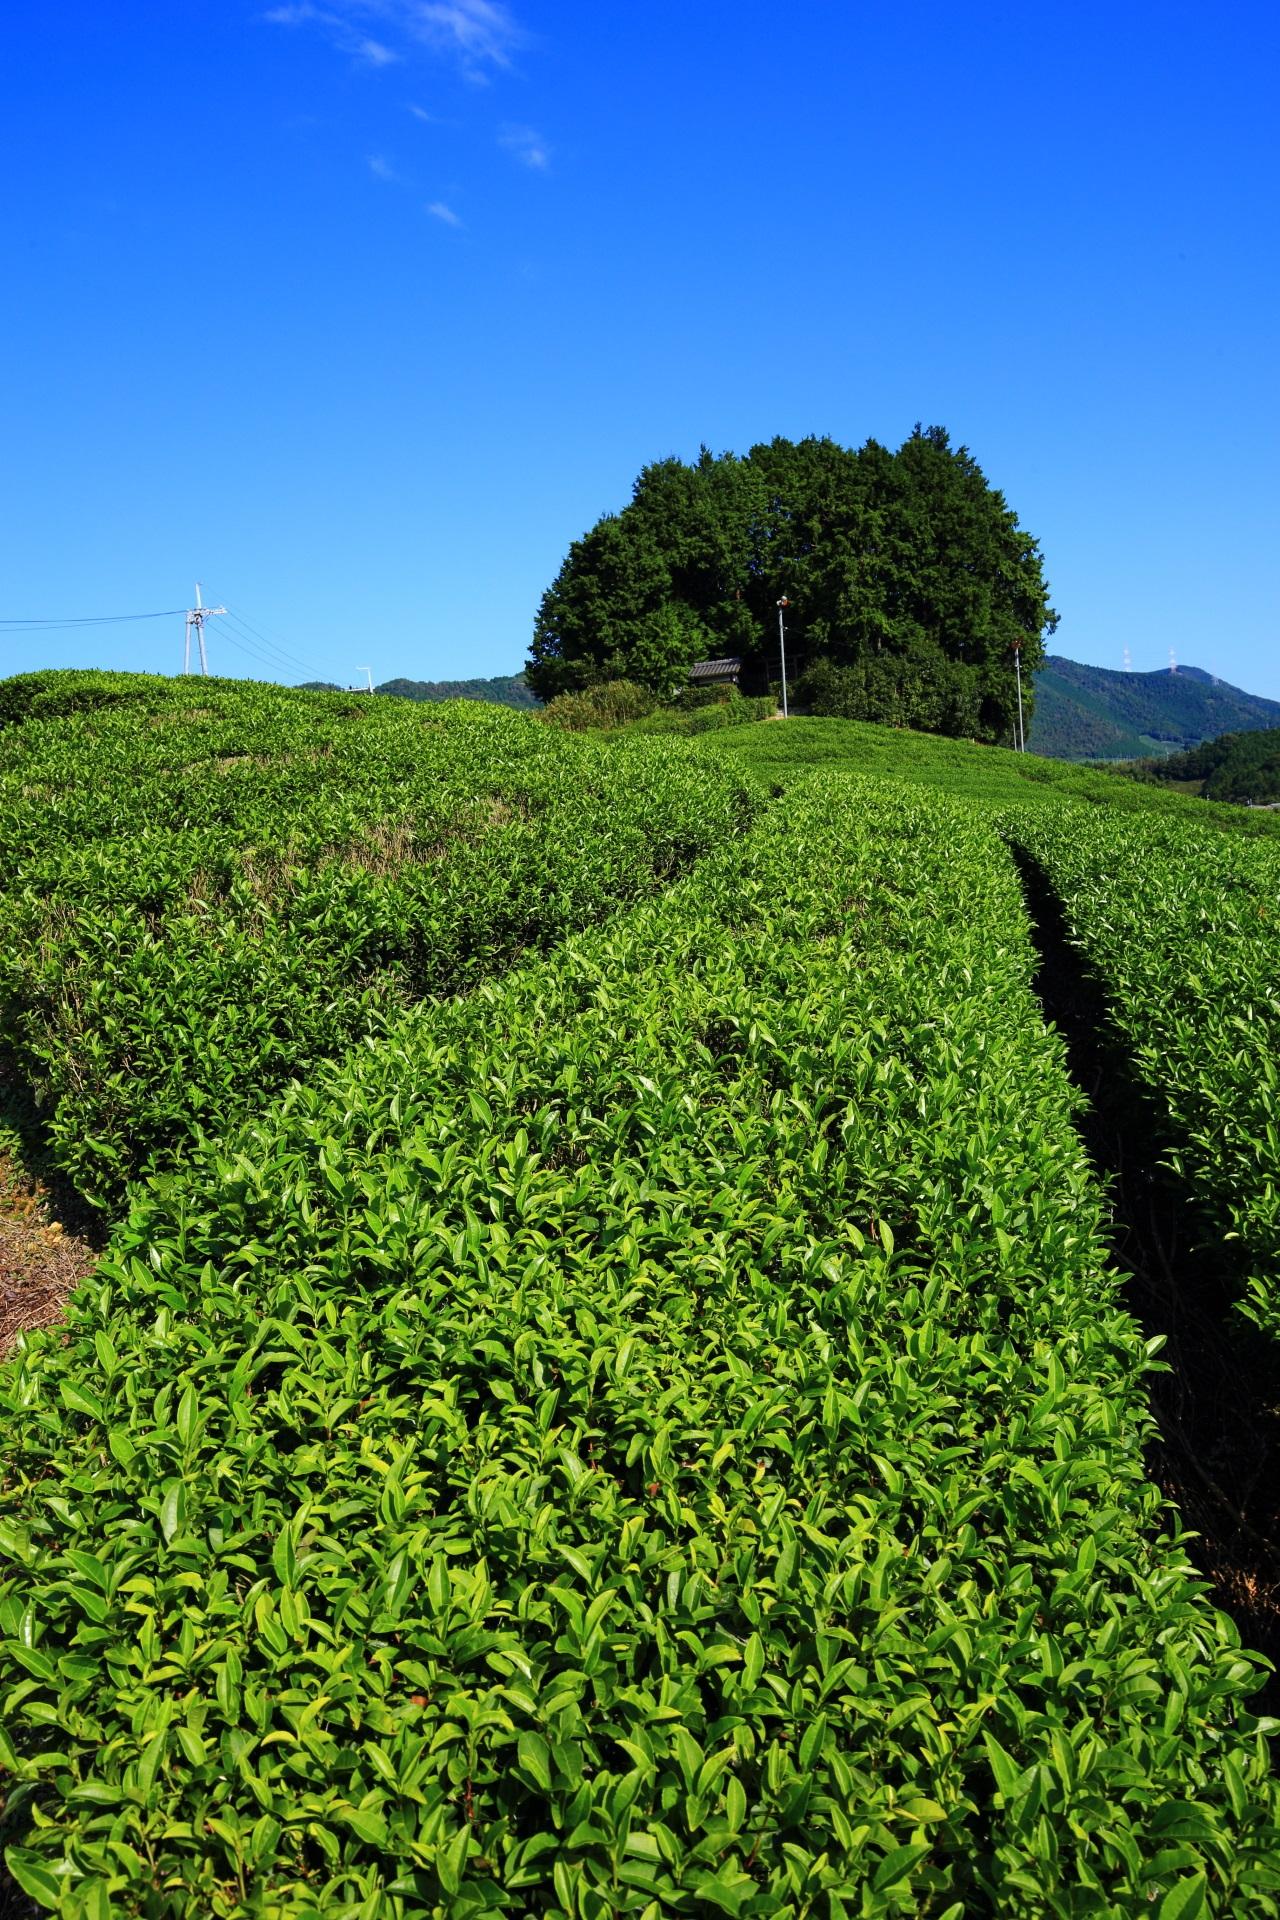 爽快な景色と眺めの太鼓山と呼ばれる安積親王陵墓の茶畑